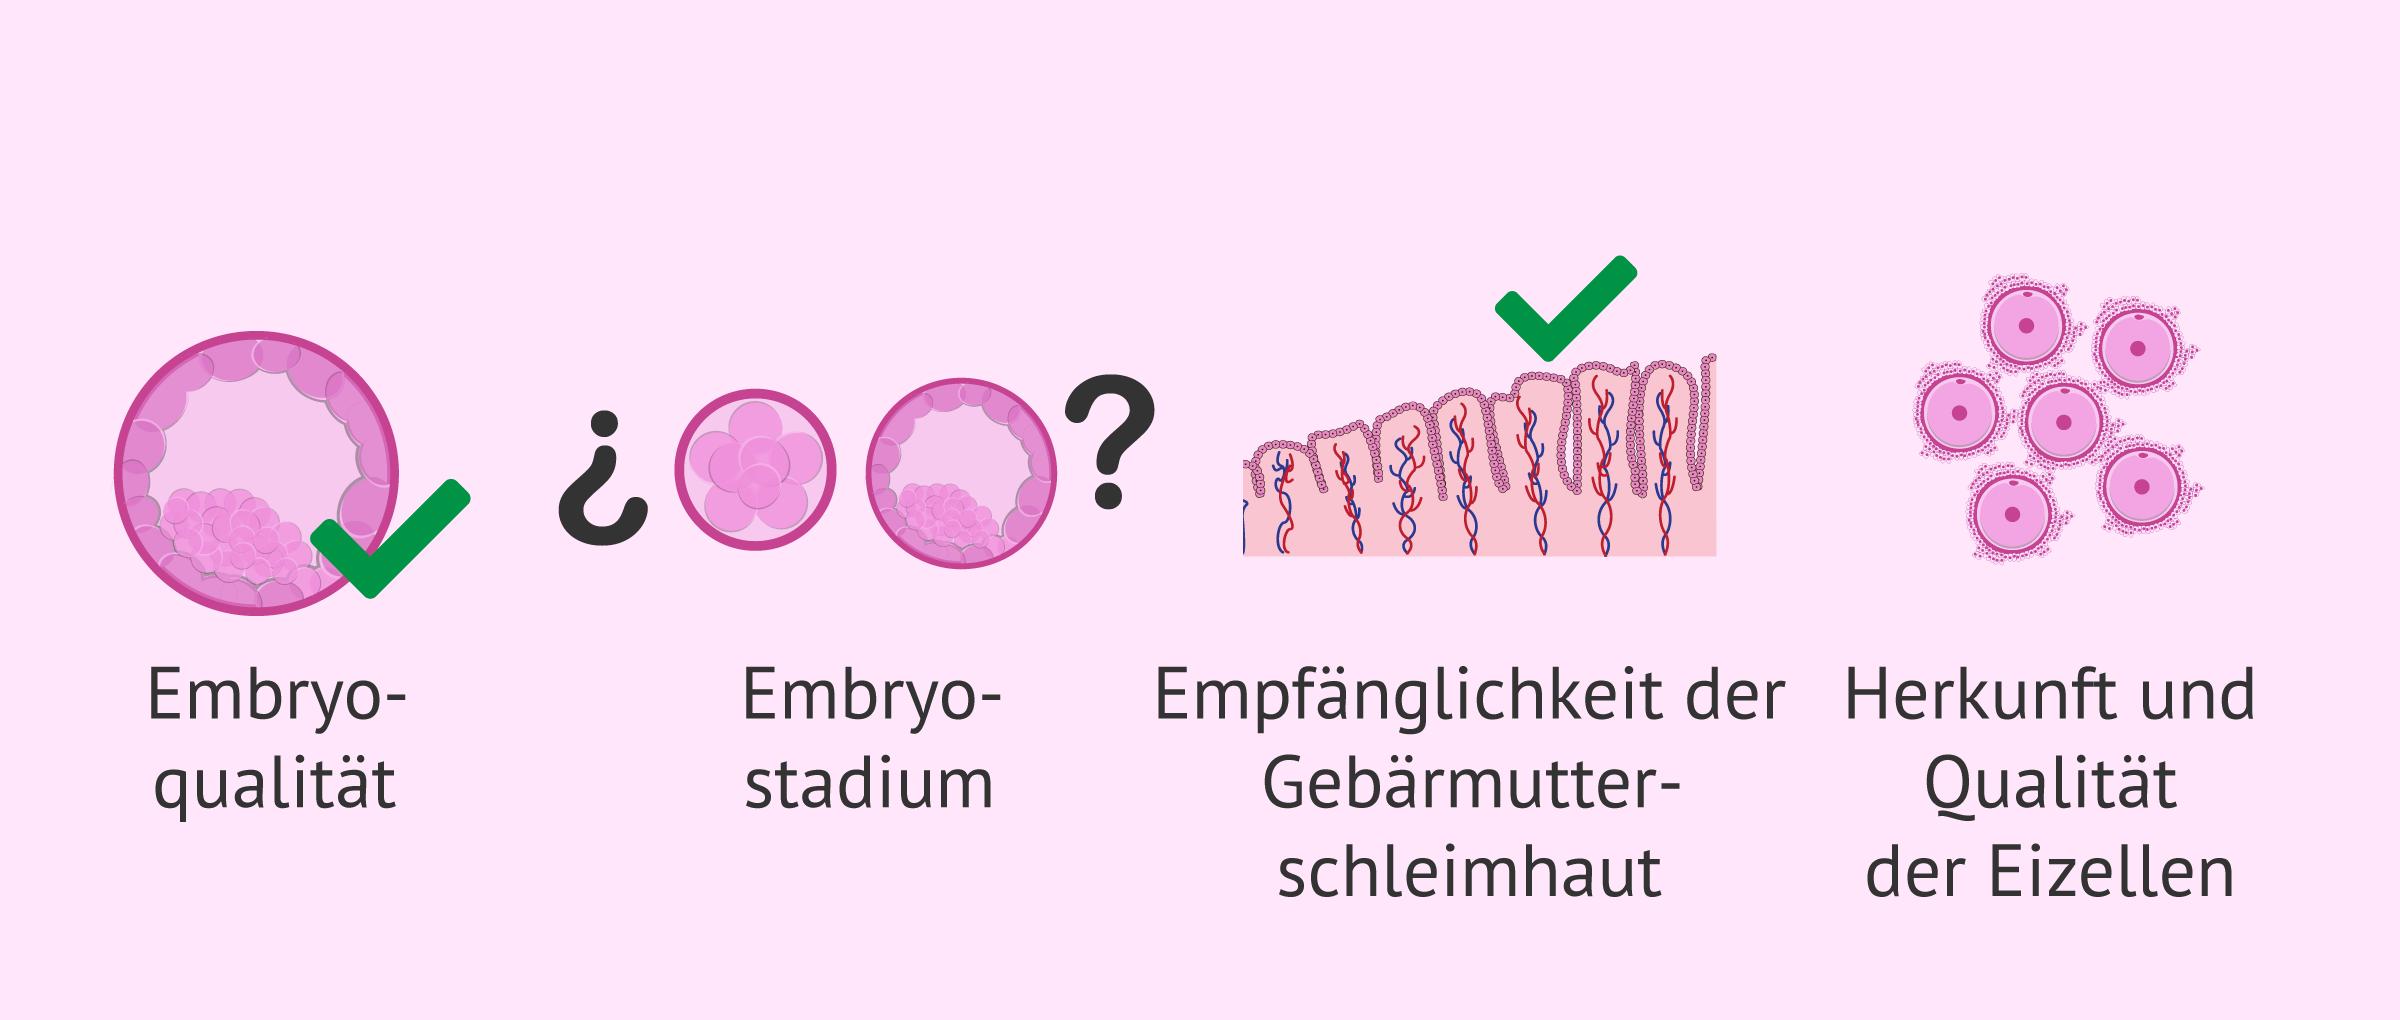 Wie legt man die Anzahl der Embryos fest?